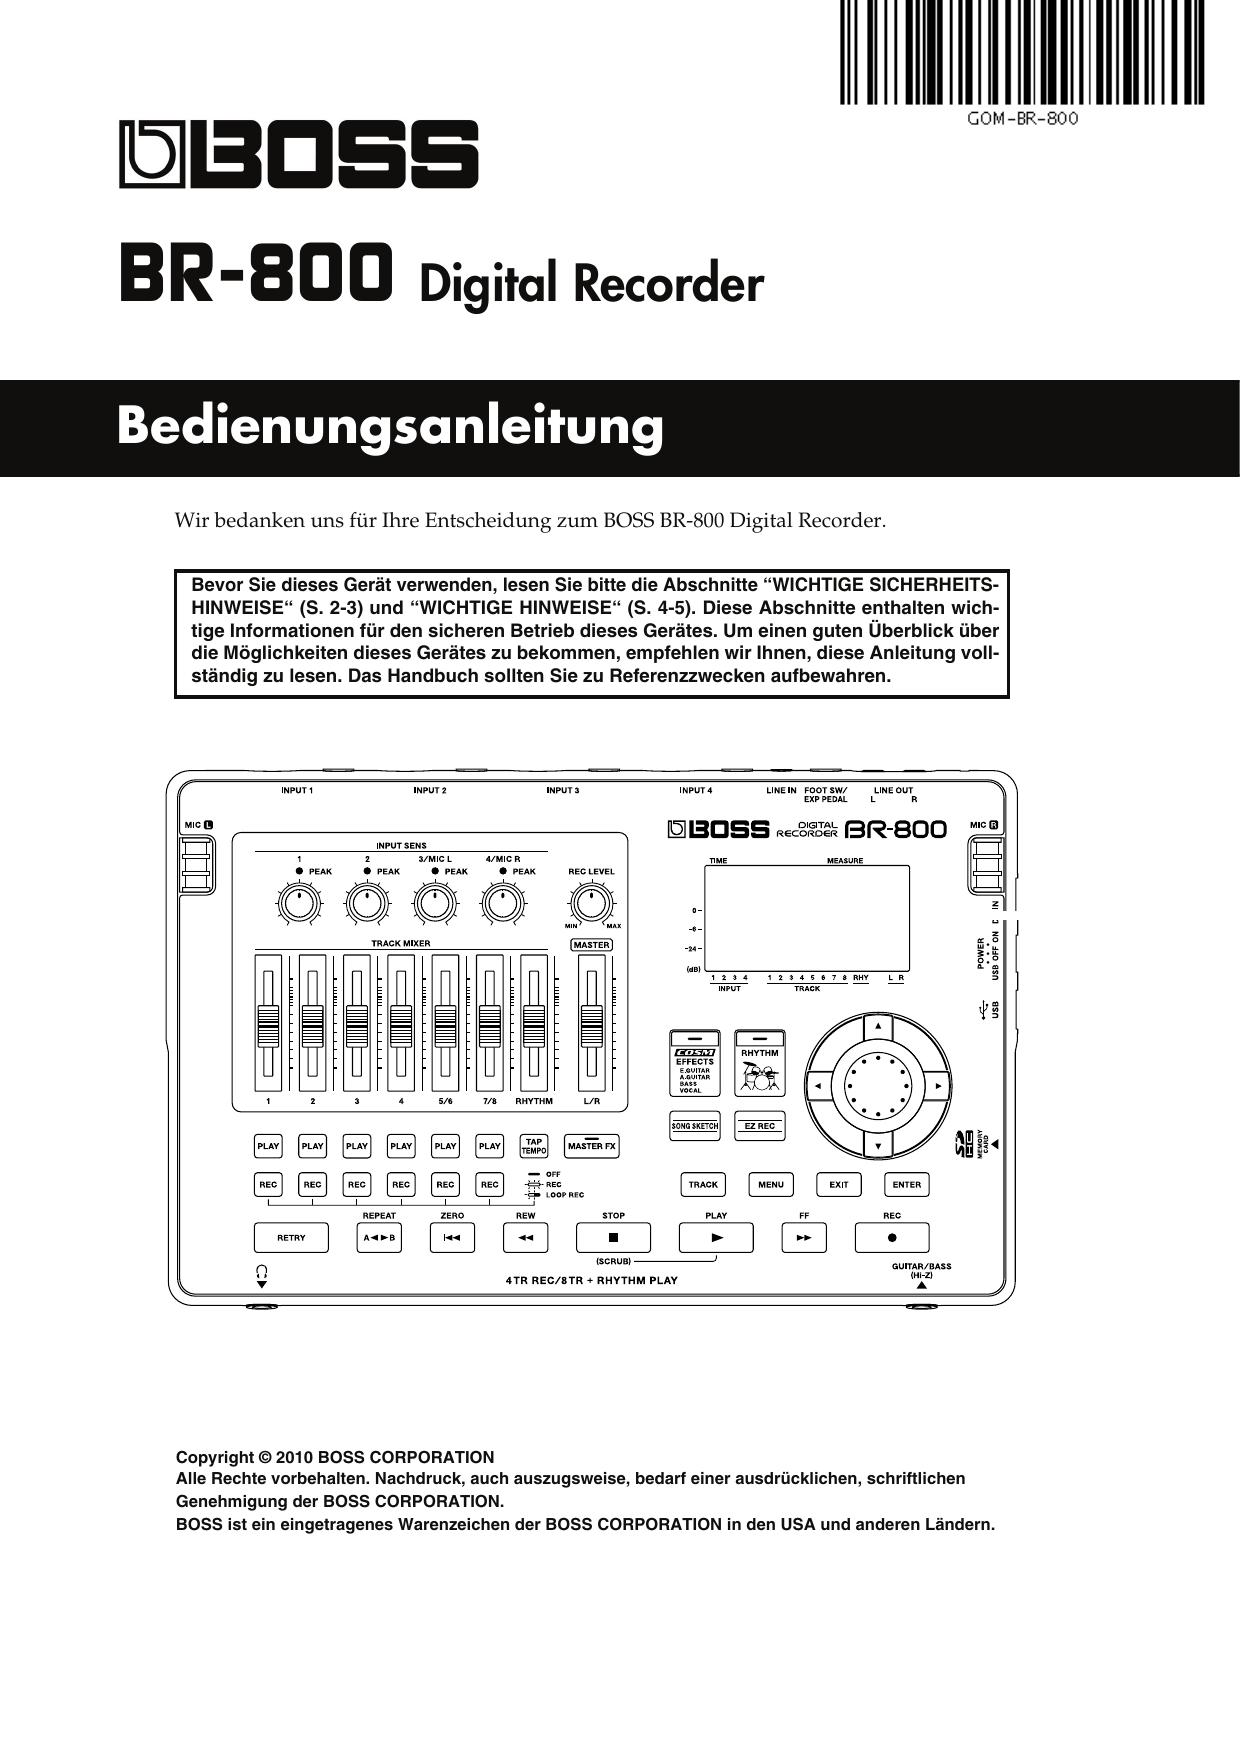 Bedienungsanleitung BR-800 Digital Recorder | manualzz.com